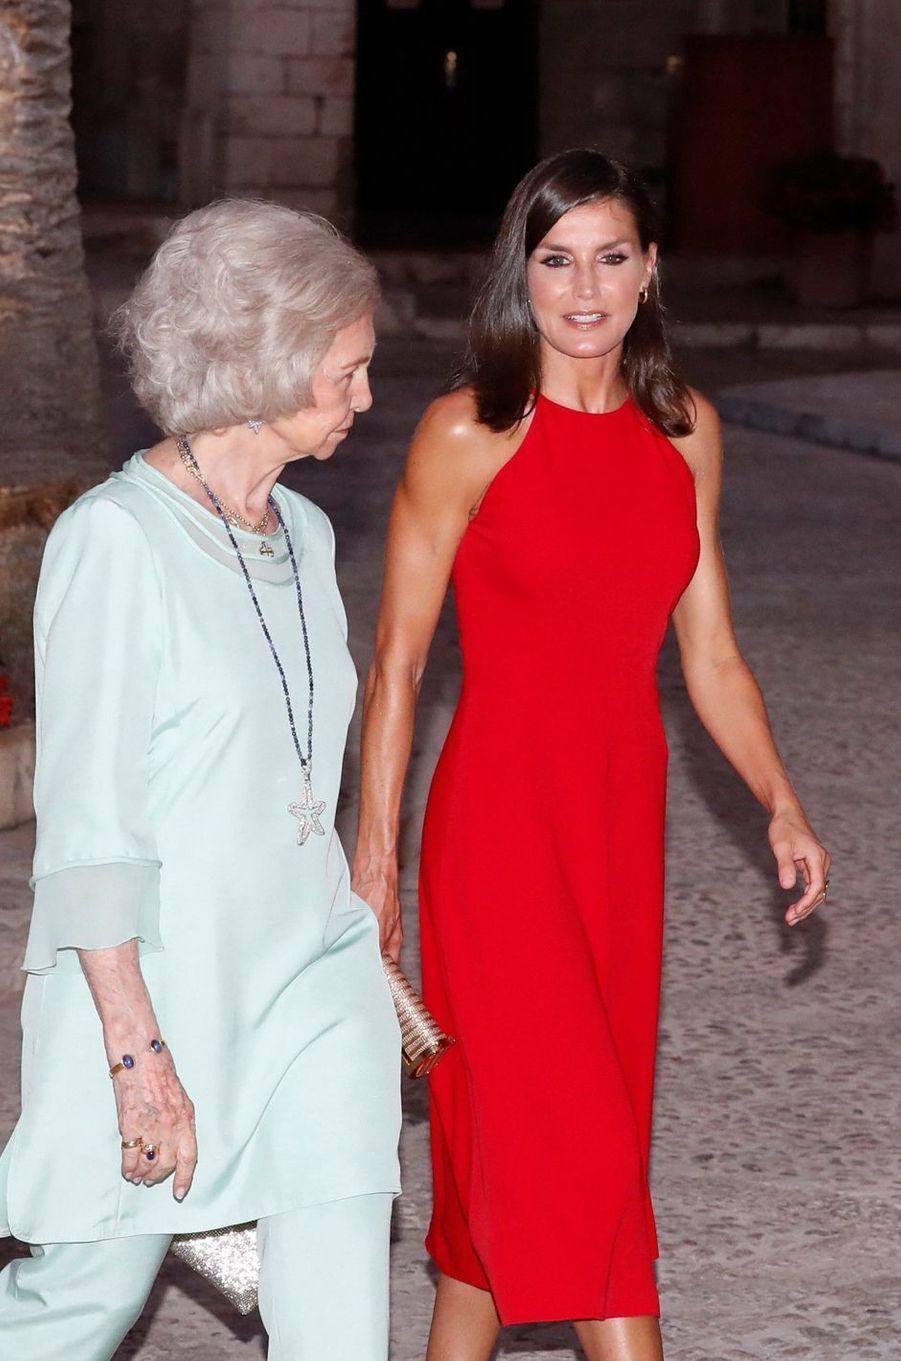 Lex-reine Sofia et la reine Letizia d'Espagne à Palma de Majorque, le 7 août 2019